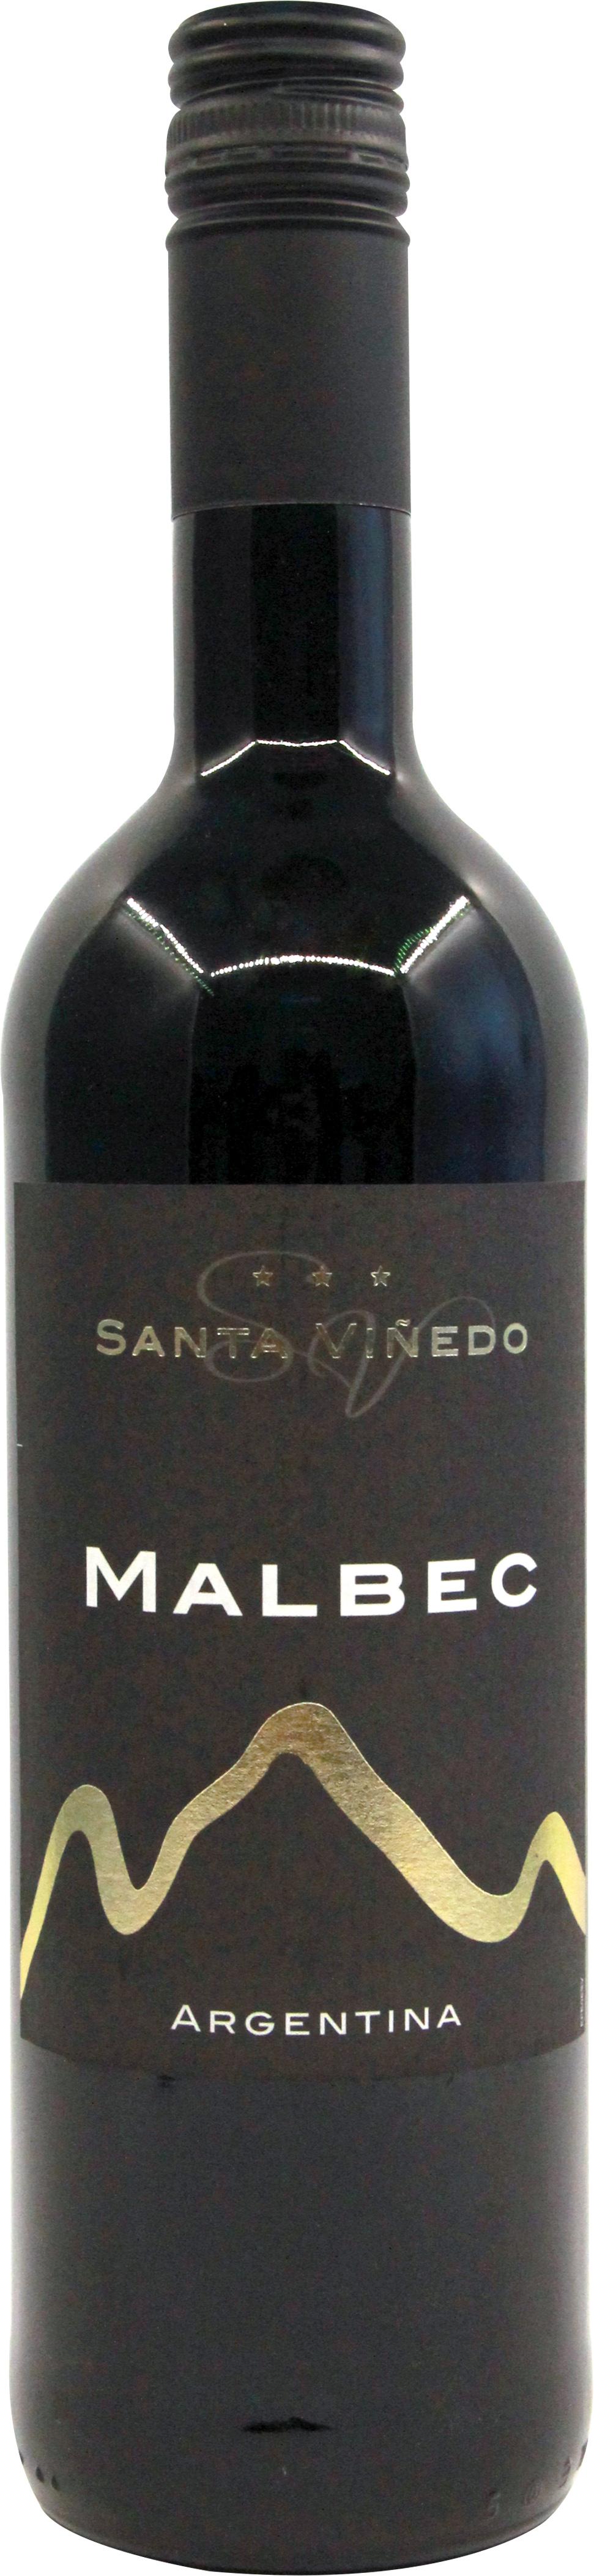 桑塔维德马拜克干红葡萄酒